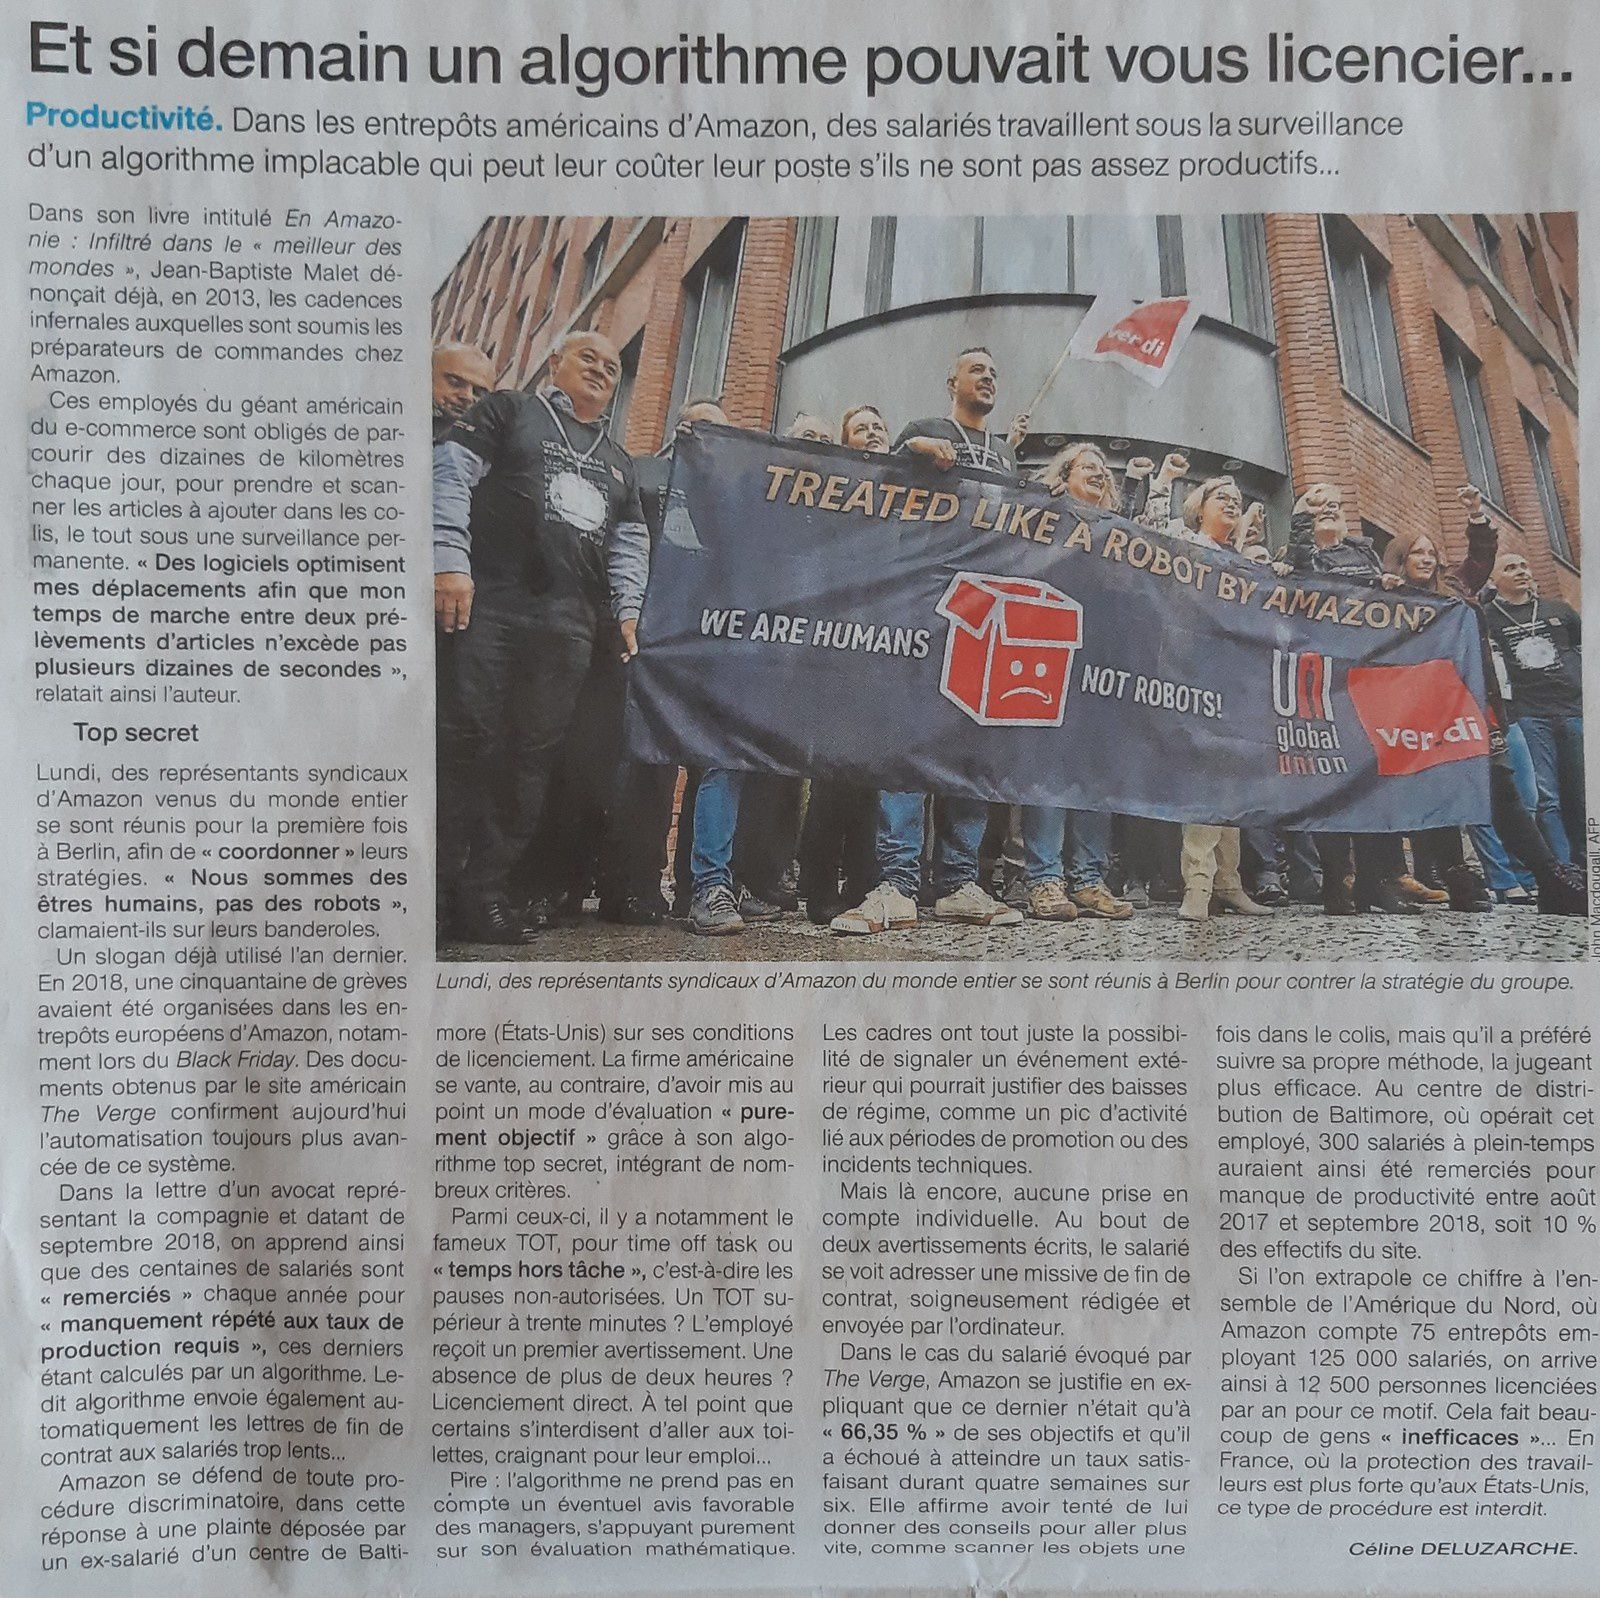 article issu de Ouest france début mai 2019 - algorithme et licenciement automatique chez Amazon.